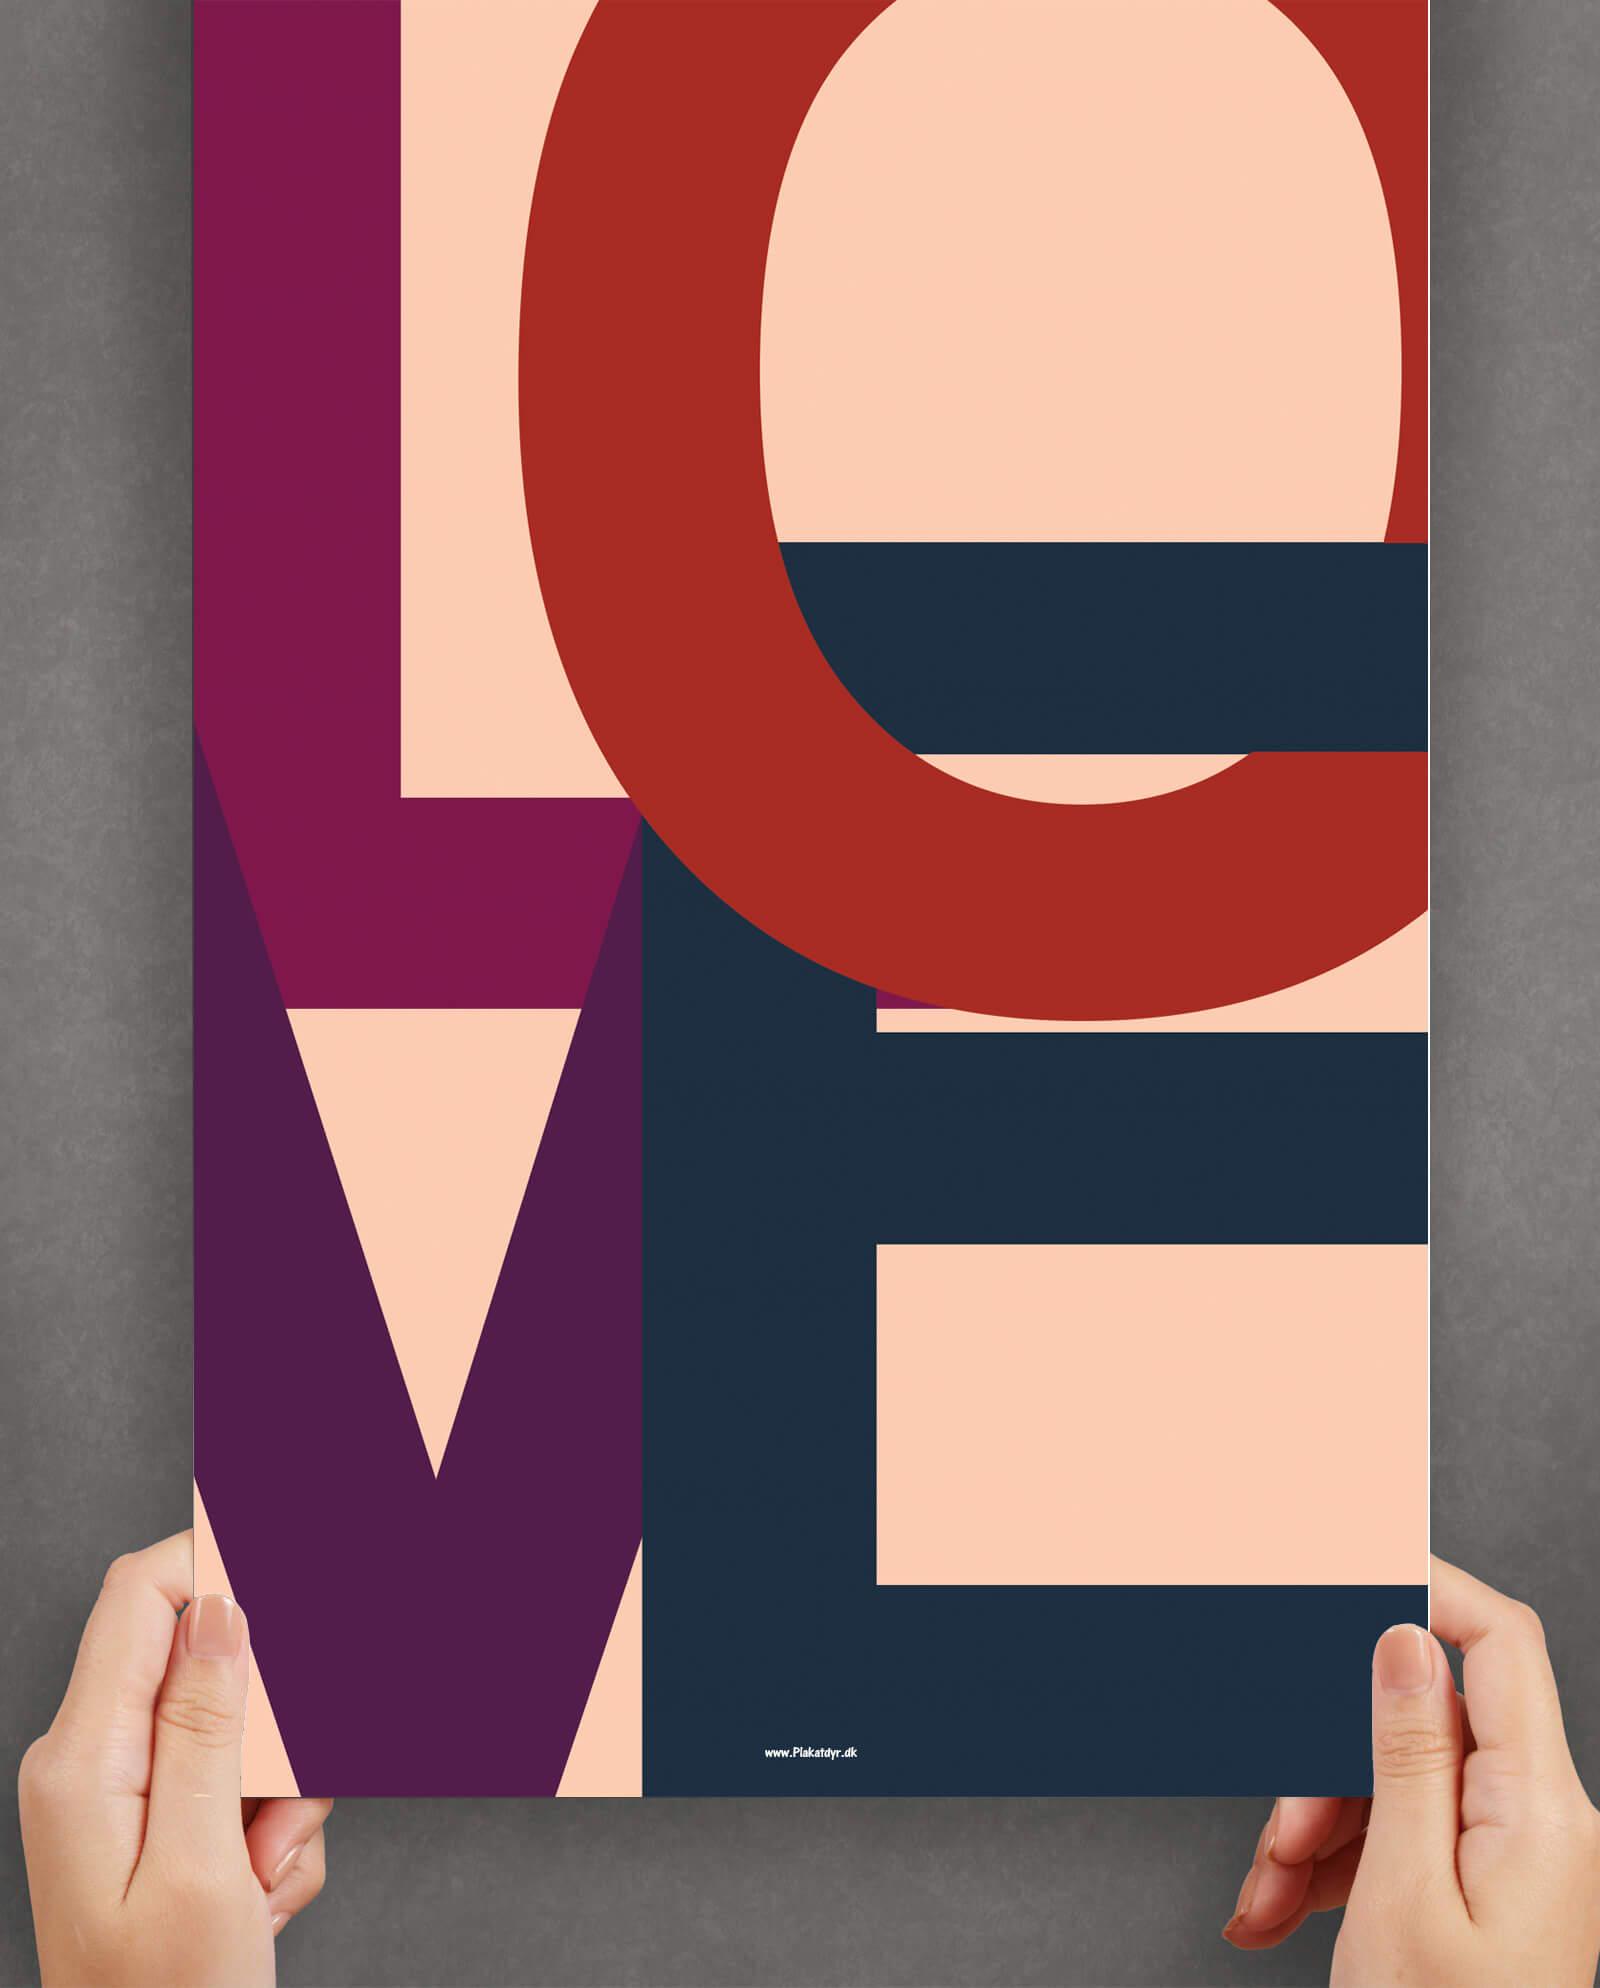 Love-farve